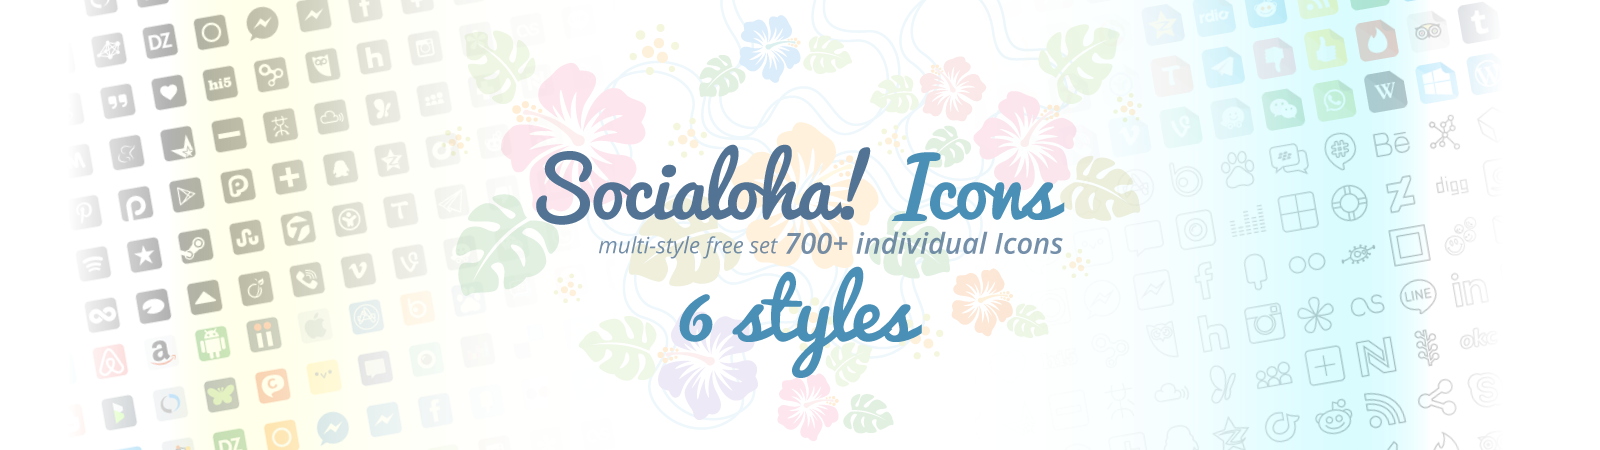 social_free_icons